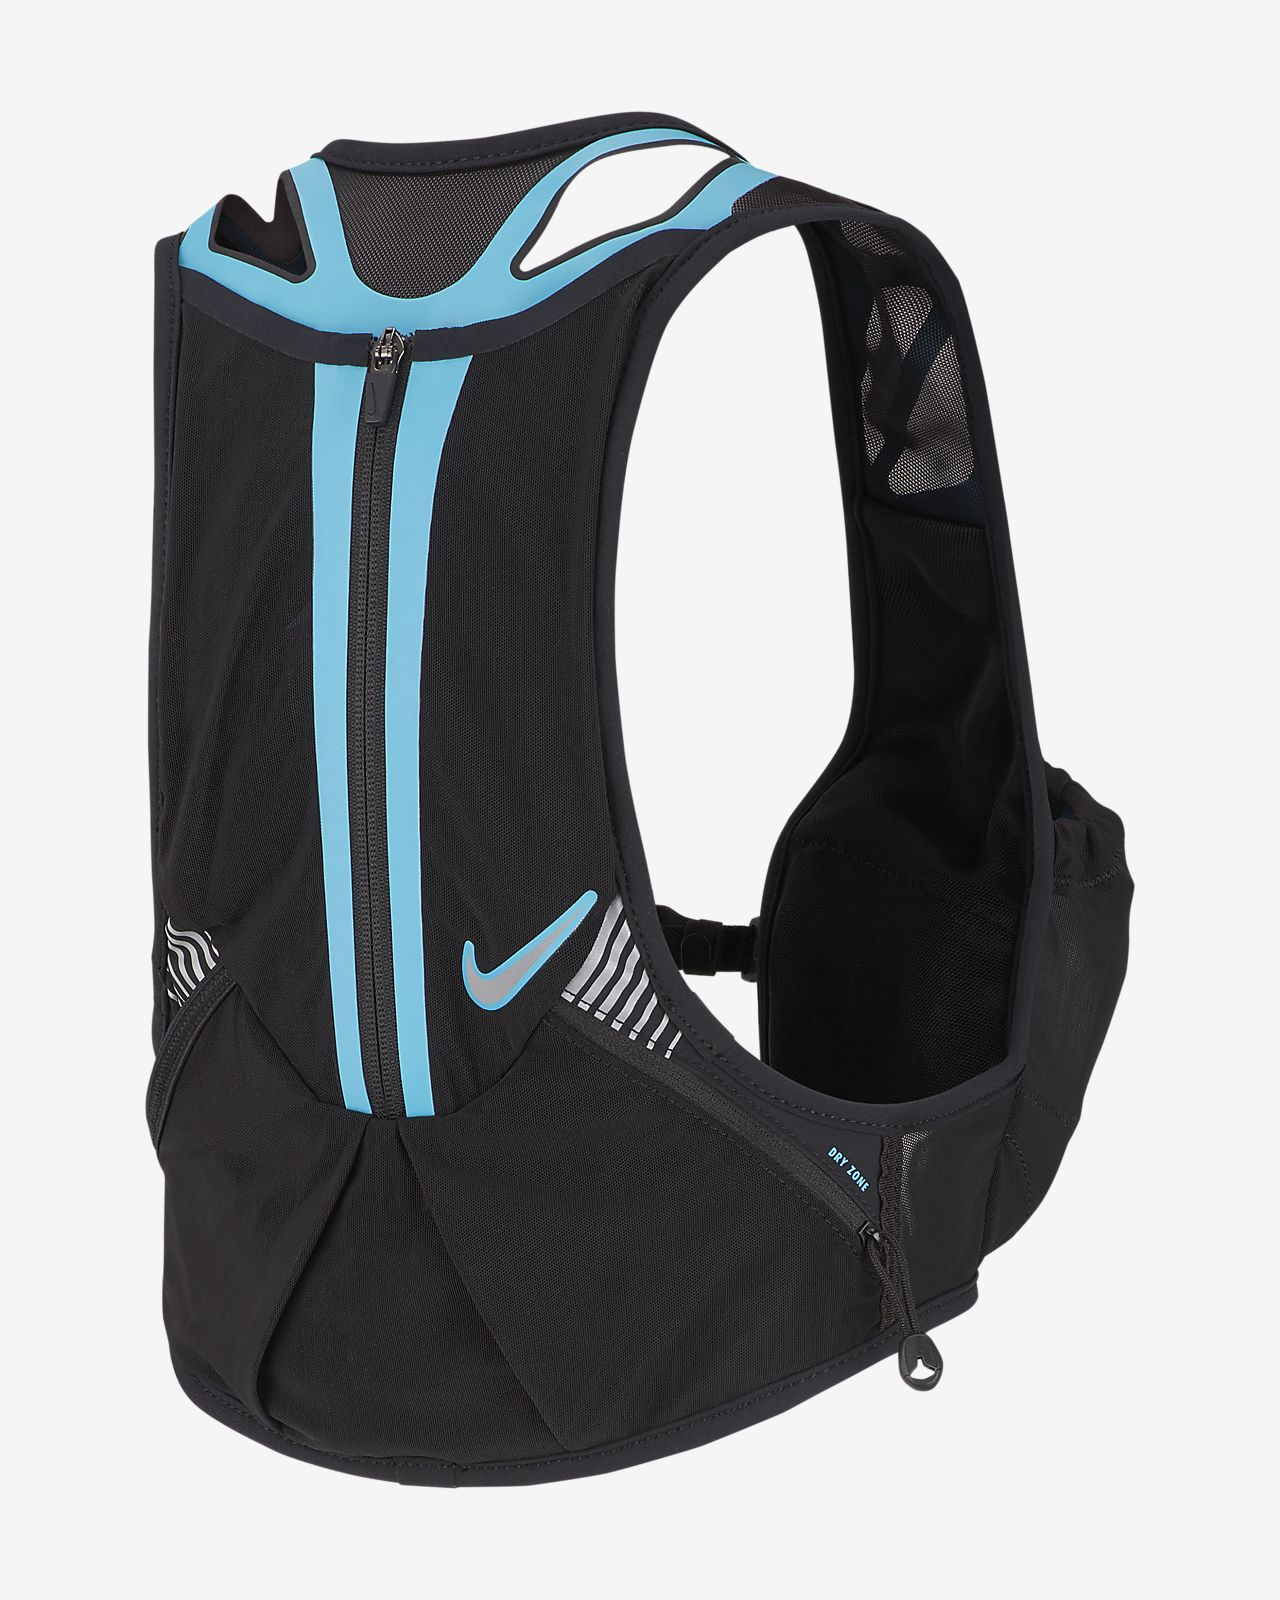 68bbcf2d4d Nike Trail Kiger Running Vest. Nike.com